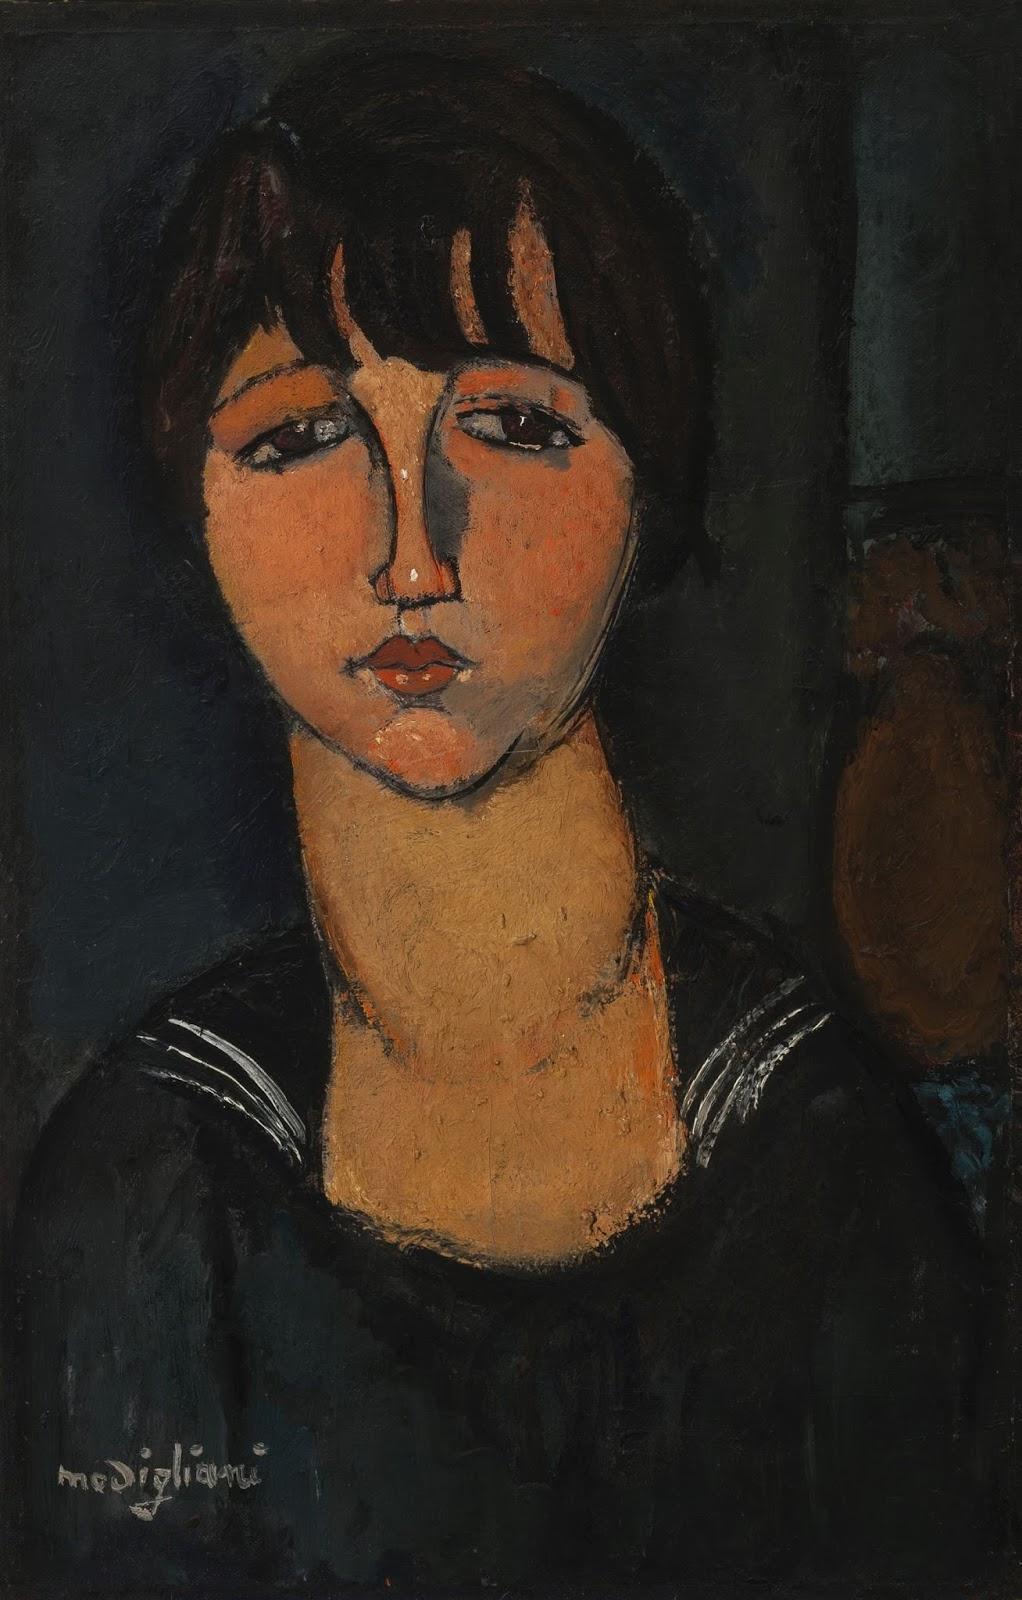 Fogli d'arte - ISSN 1974-4455: Una nuova opera alla Guggenheim. Arriva a  Venezia «Ragazza con il bavero alla marinara» di Modigliani